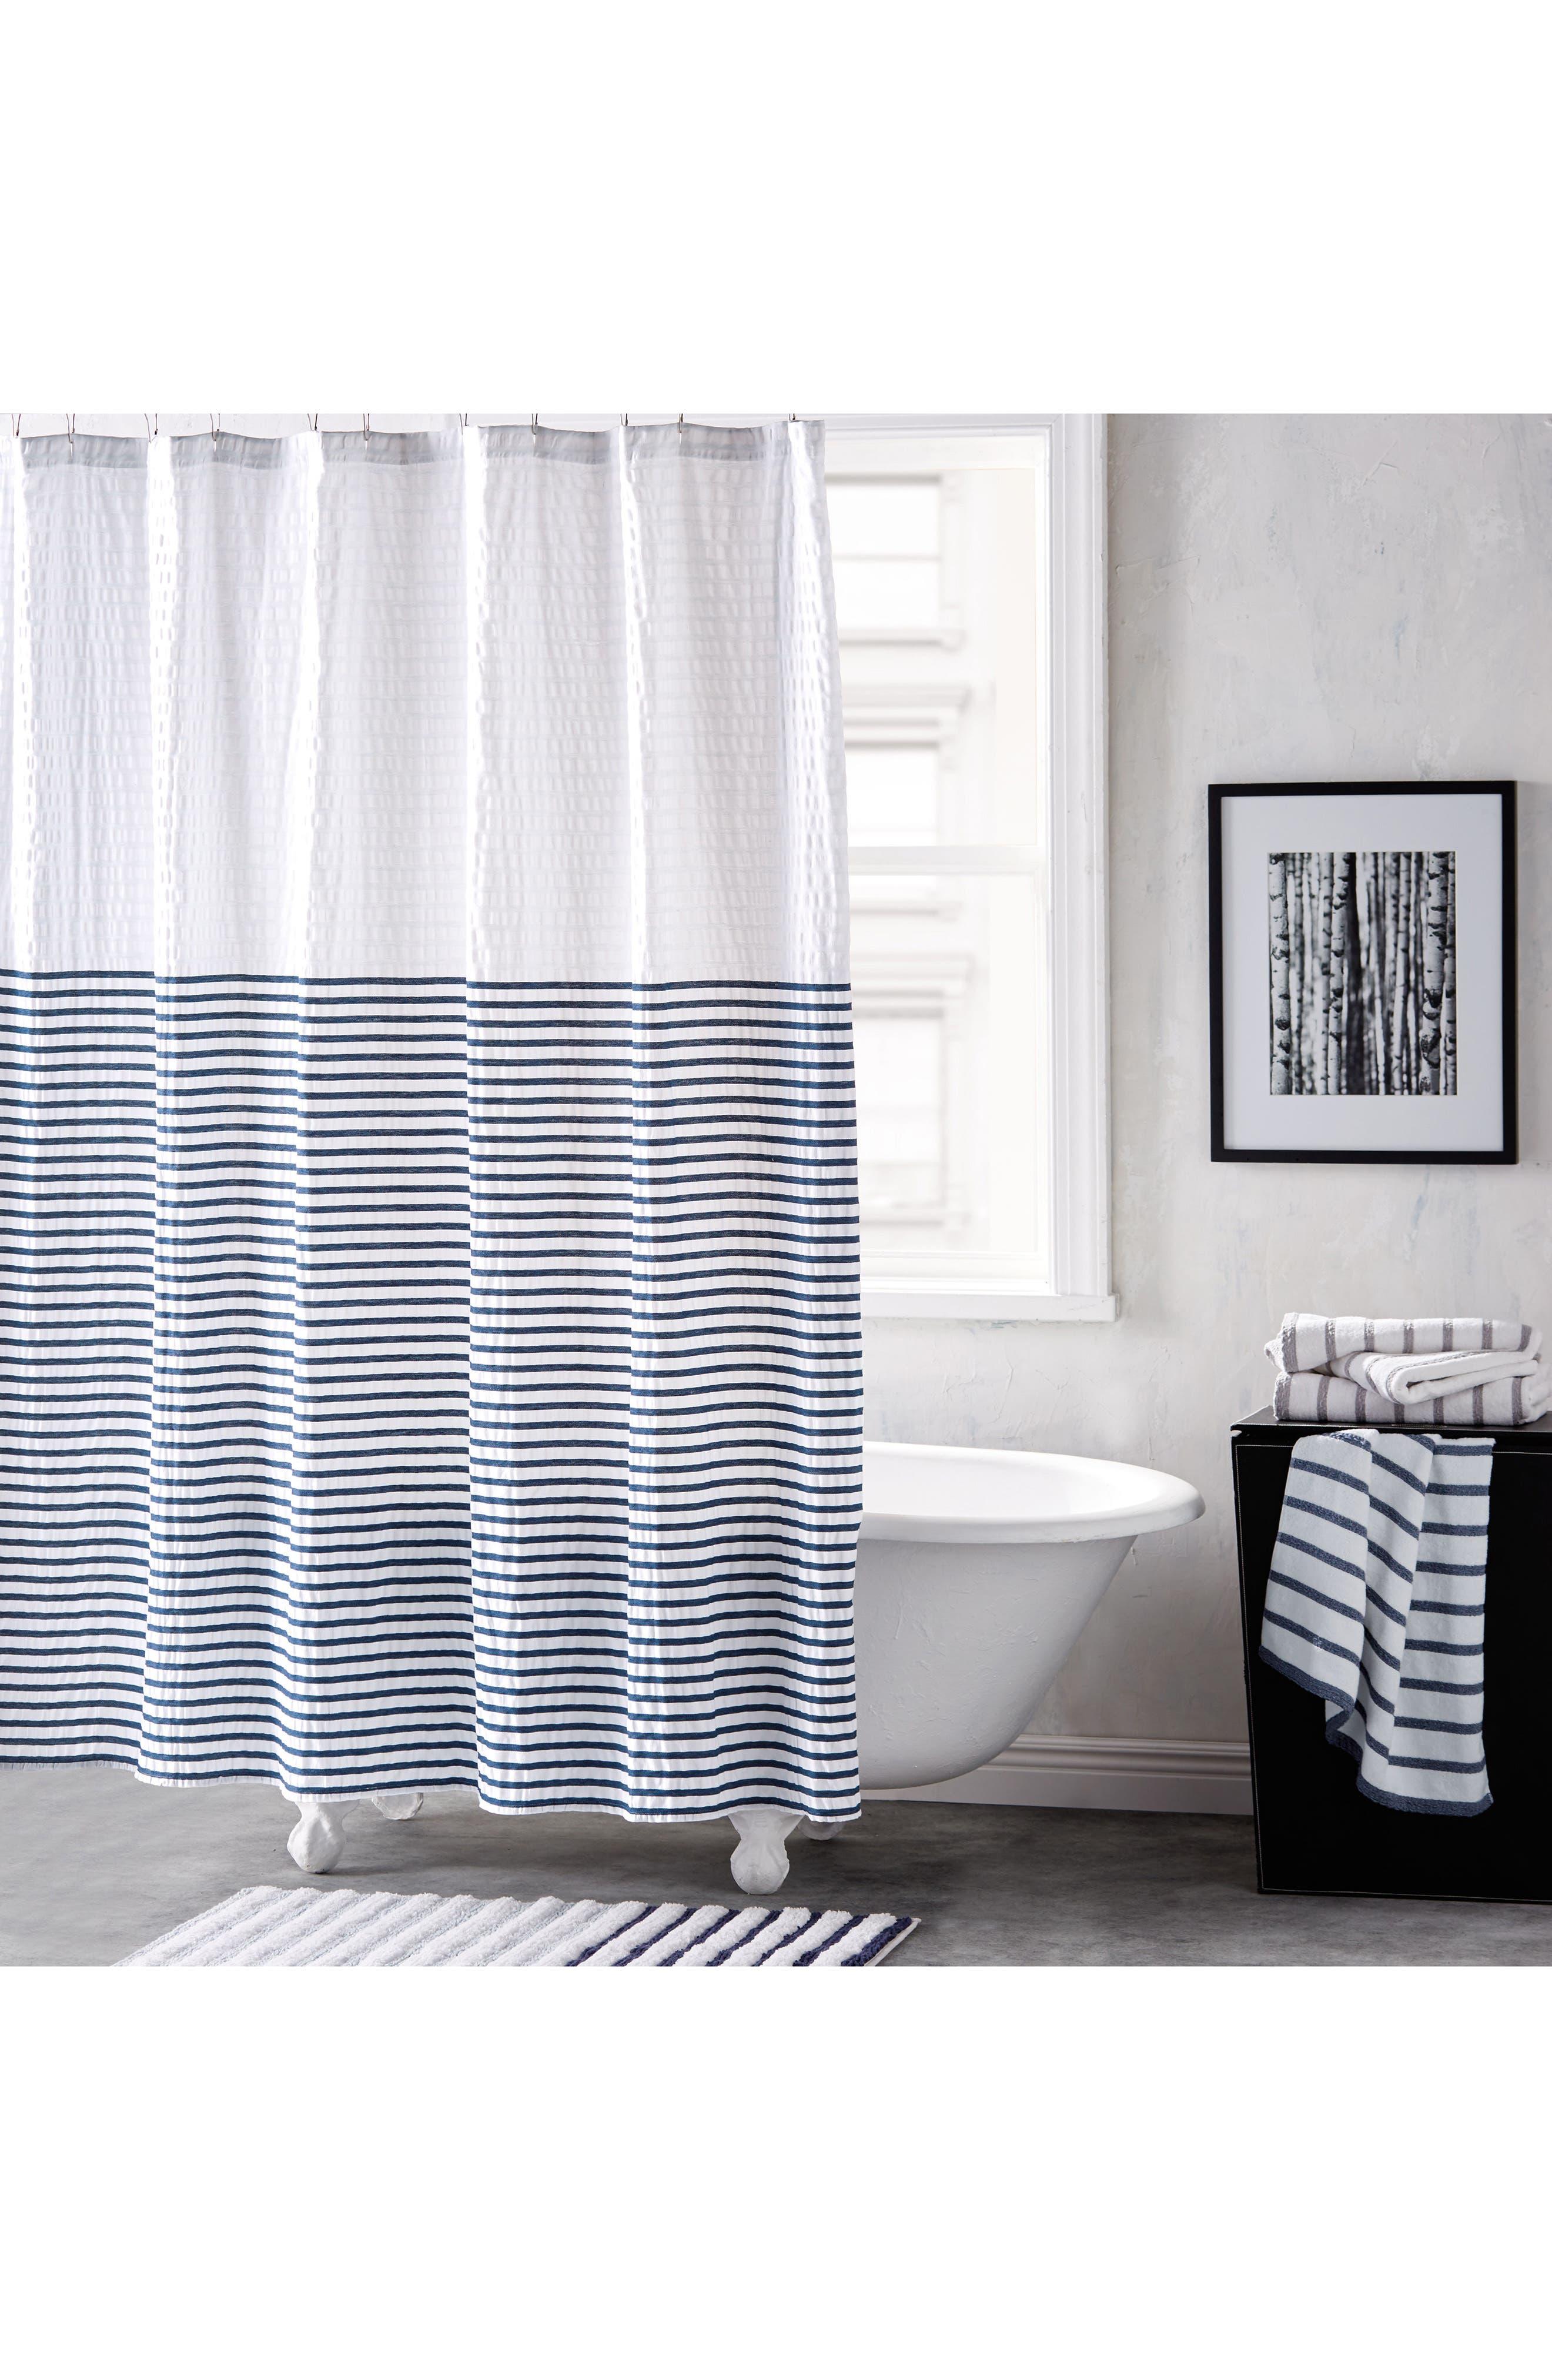 Wonderful DKNY Parson Stripe Shower Curtain